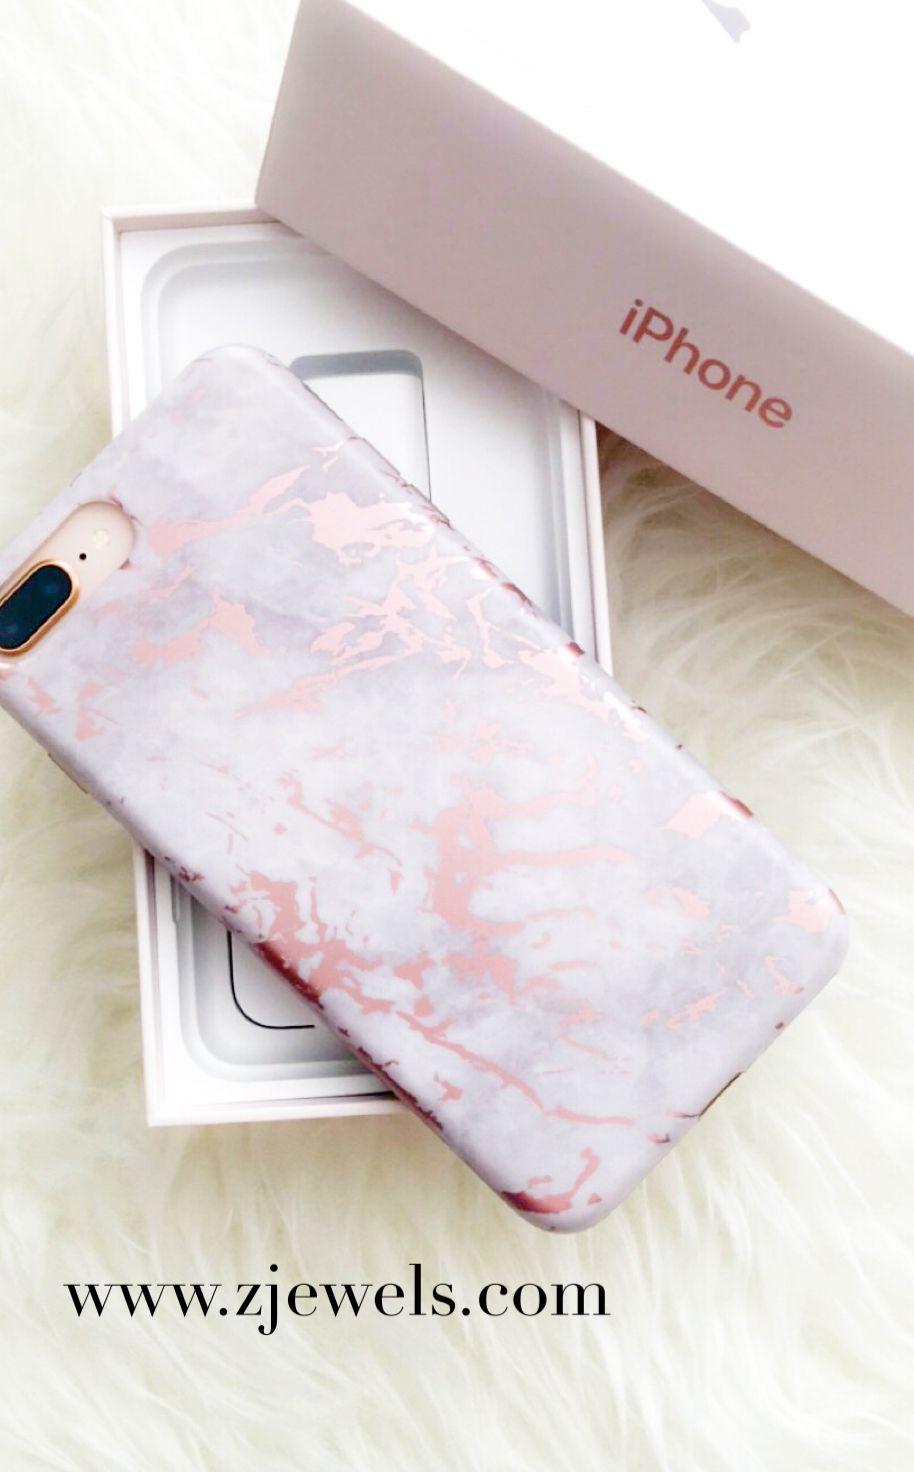 Iphone 8 Plus Case Iphone 8 Plus Case Protective Iphone 8 Plus Case Marble Iphone 8 Pl Iphone 7 Plus Rose Gold Case Iphone Phone Cases Rose Gold Iphone Case